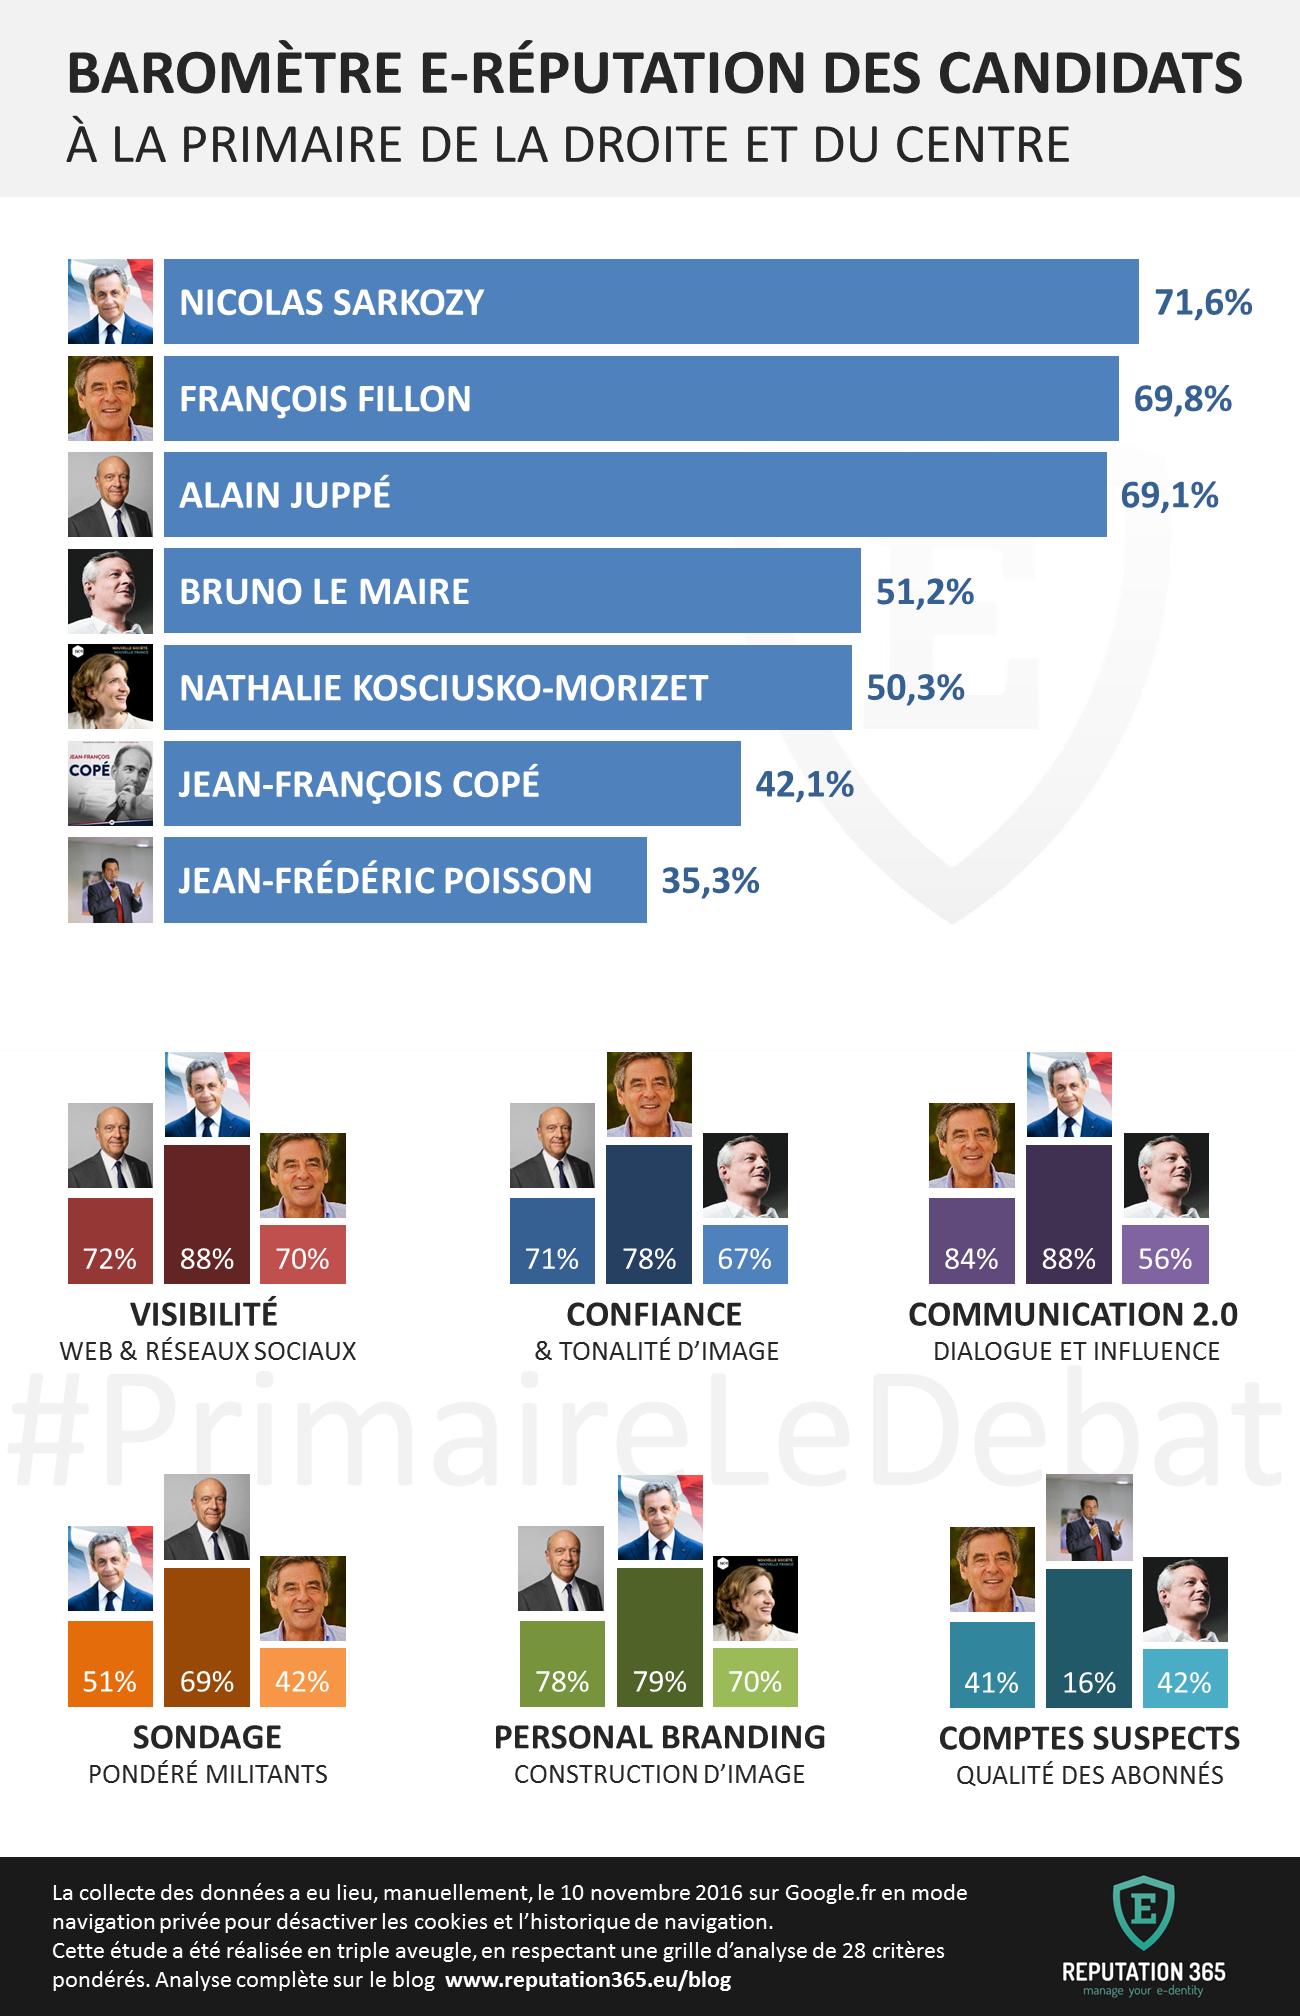 baromètre e-réputation des candidats à la primaire de la droite et du centre